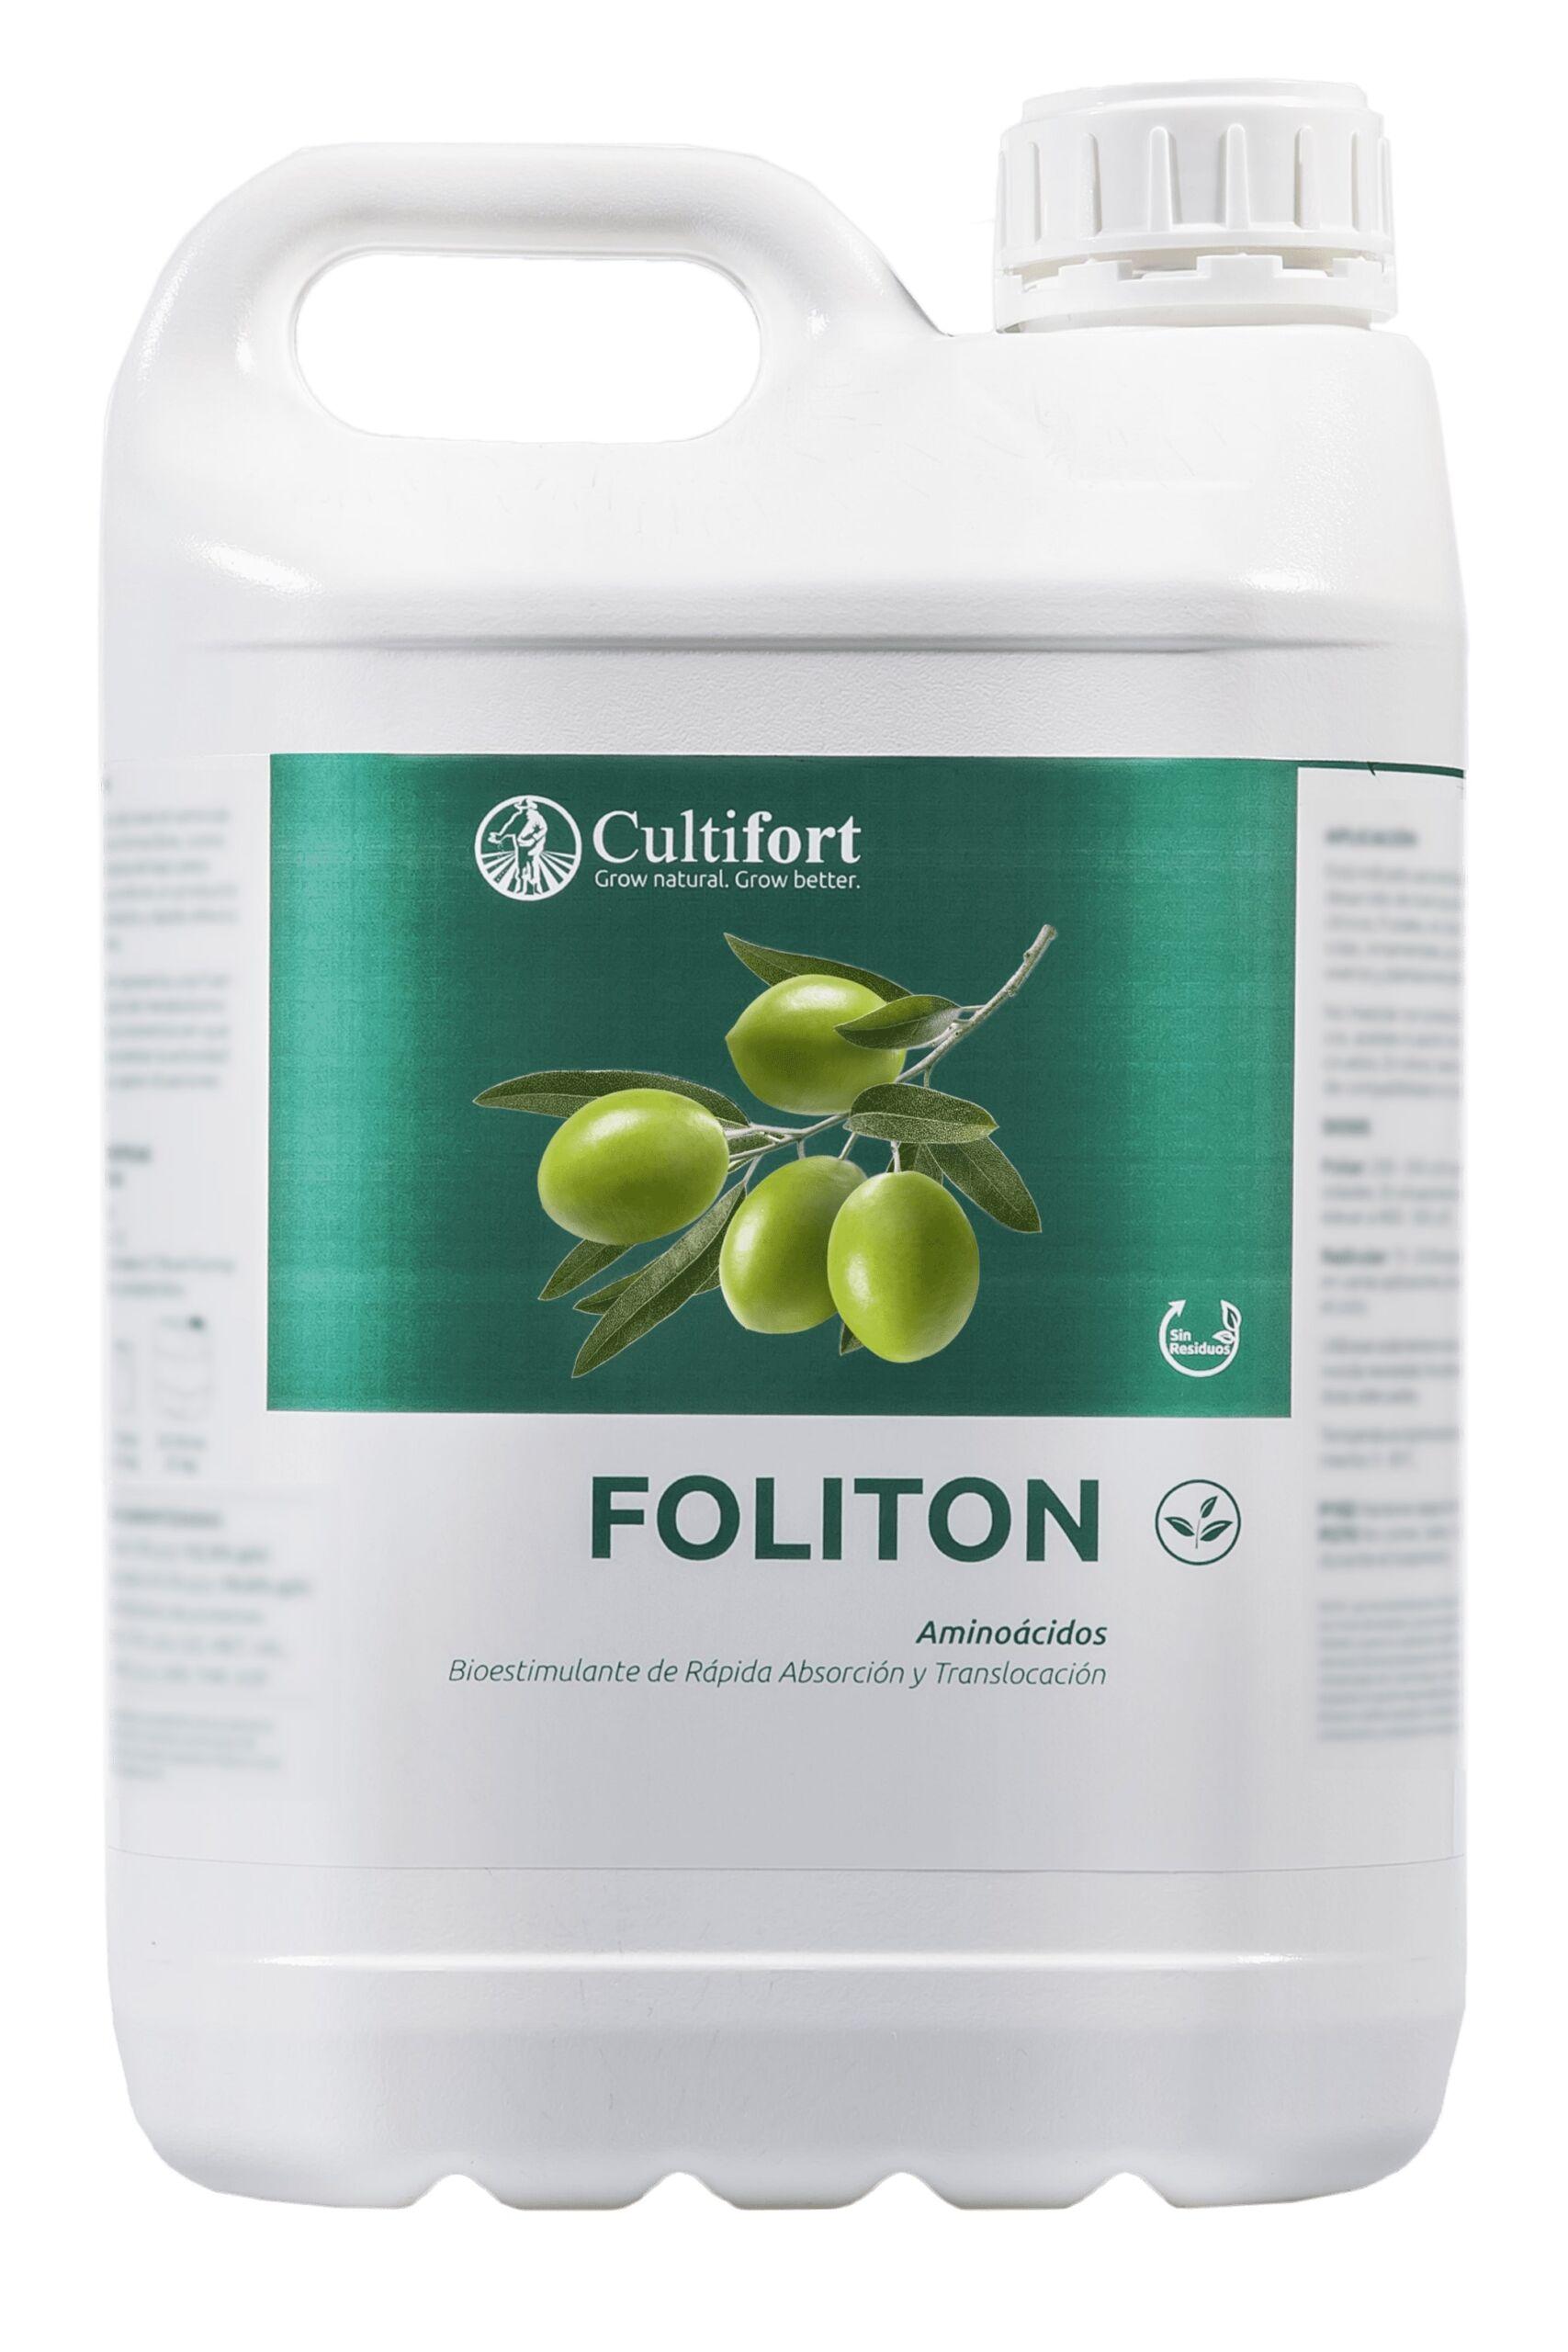 FOLITON 5l